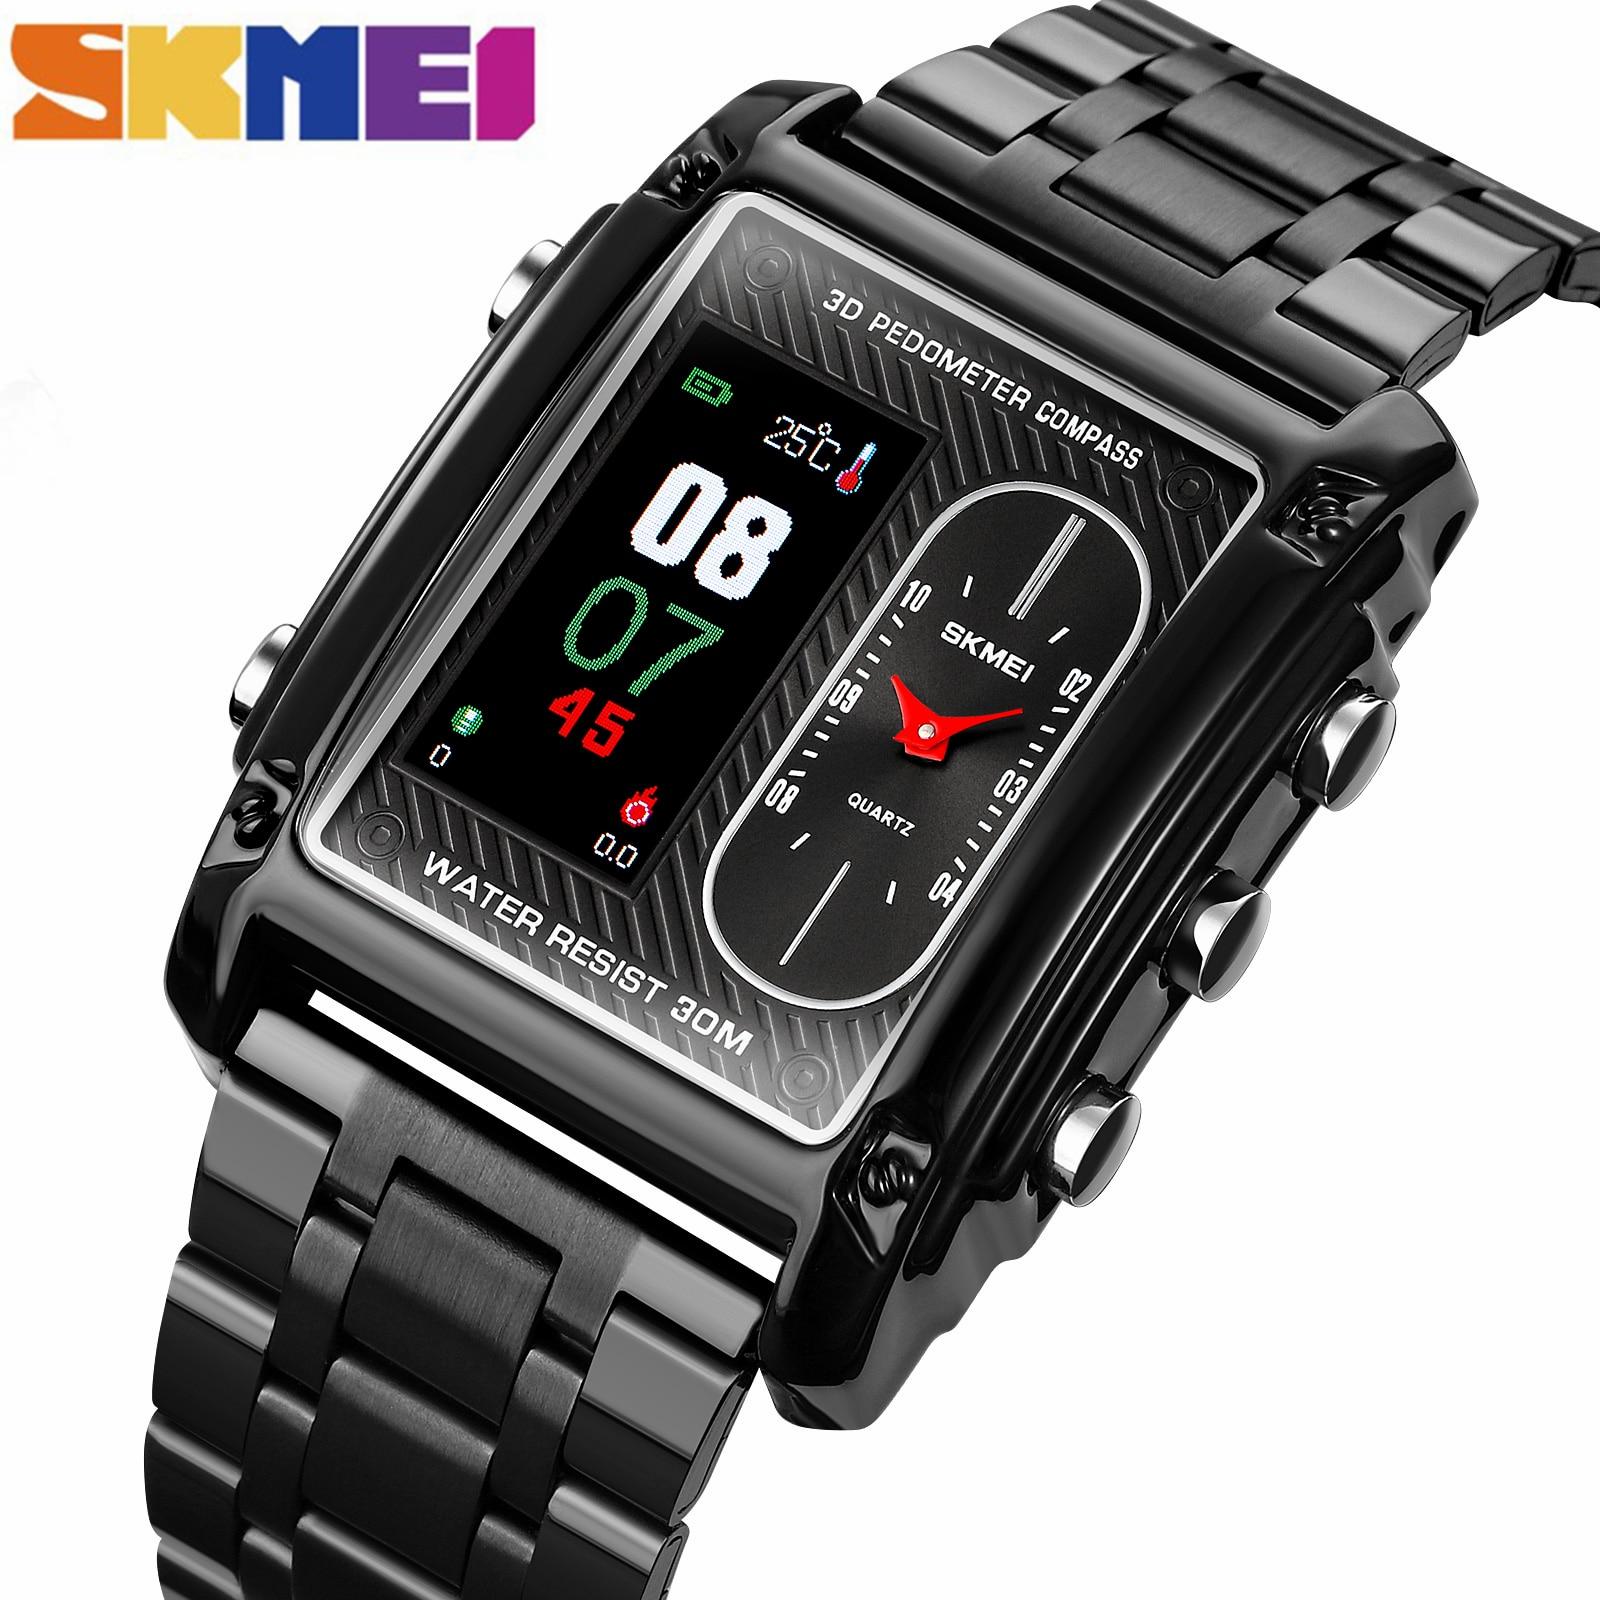 SKMEI Business Luxury Men Digital Watch Waterproof Male Clock 2021 Luxury Brand WristwatchesRelogio